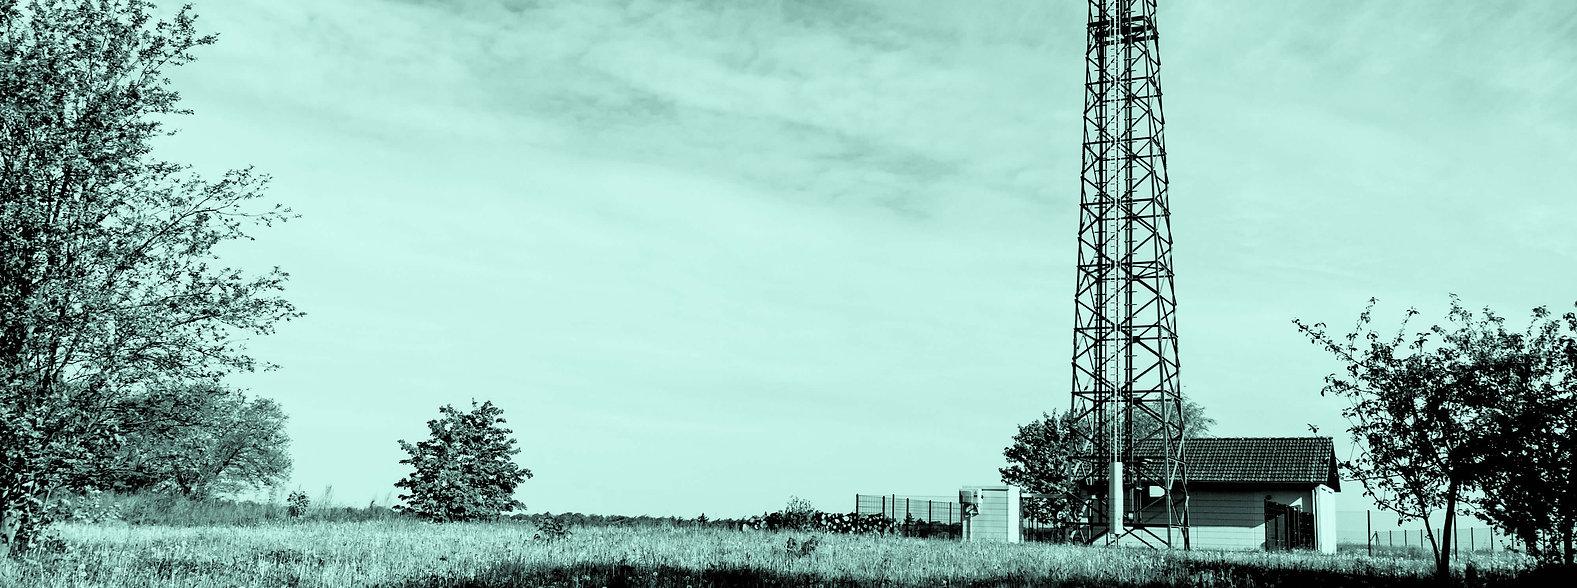 Valosiant achète le droit de percevoir les loyers de votre bail d'antenne relais pour une période déterminée vous assurant ainsi un capital immédiat important